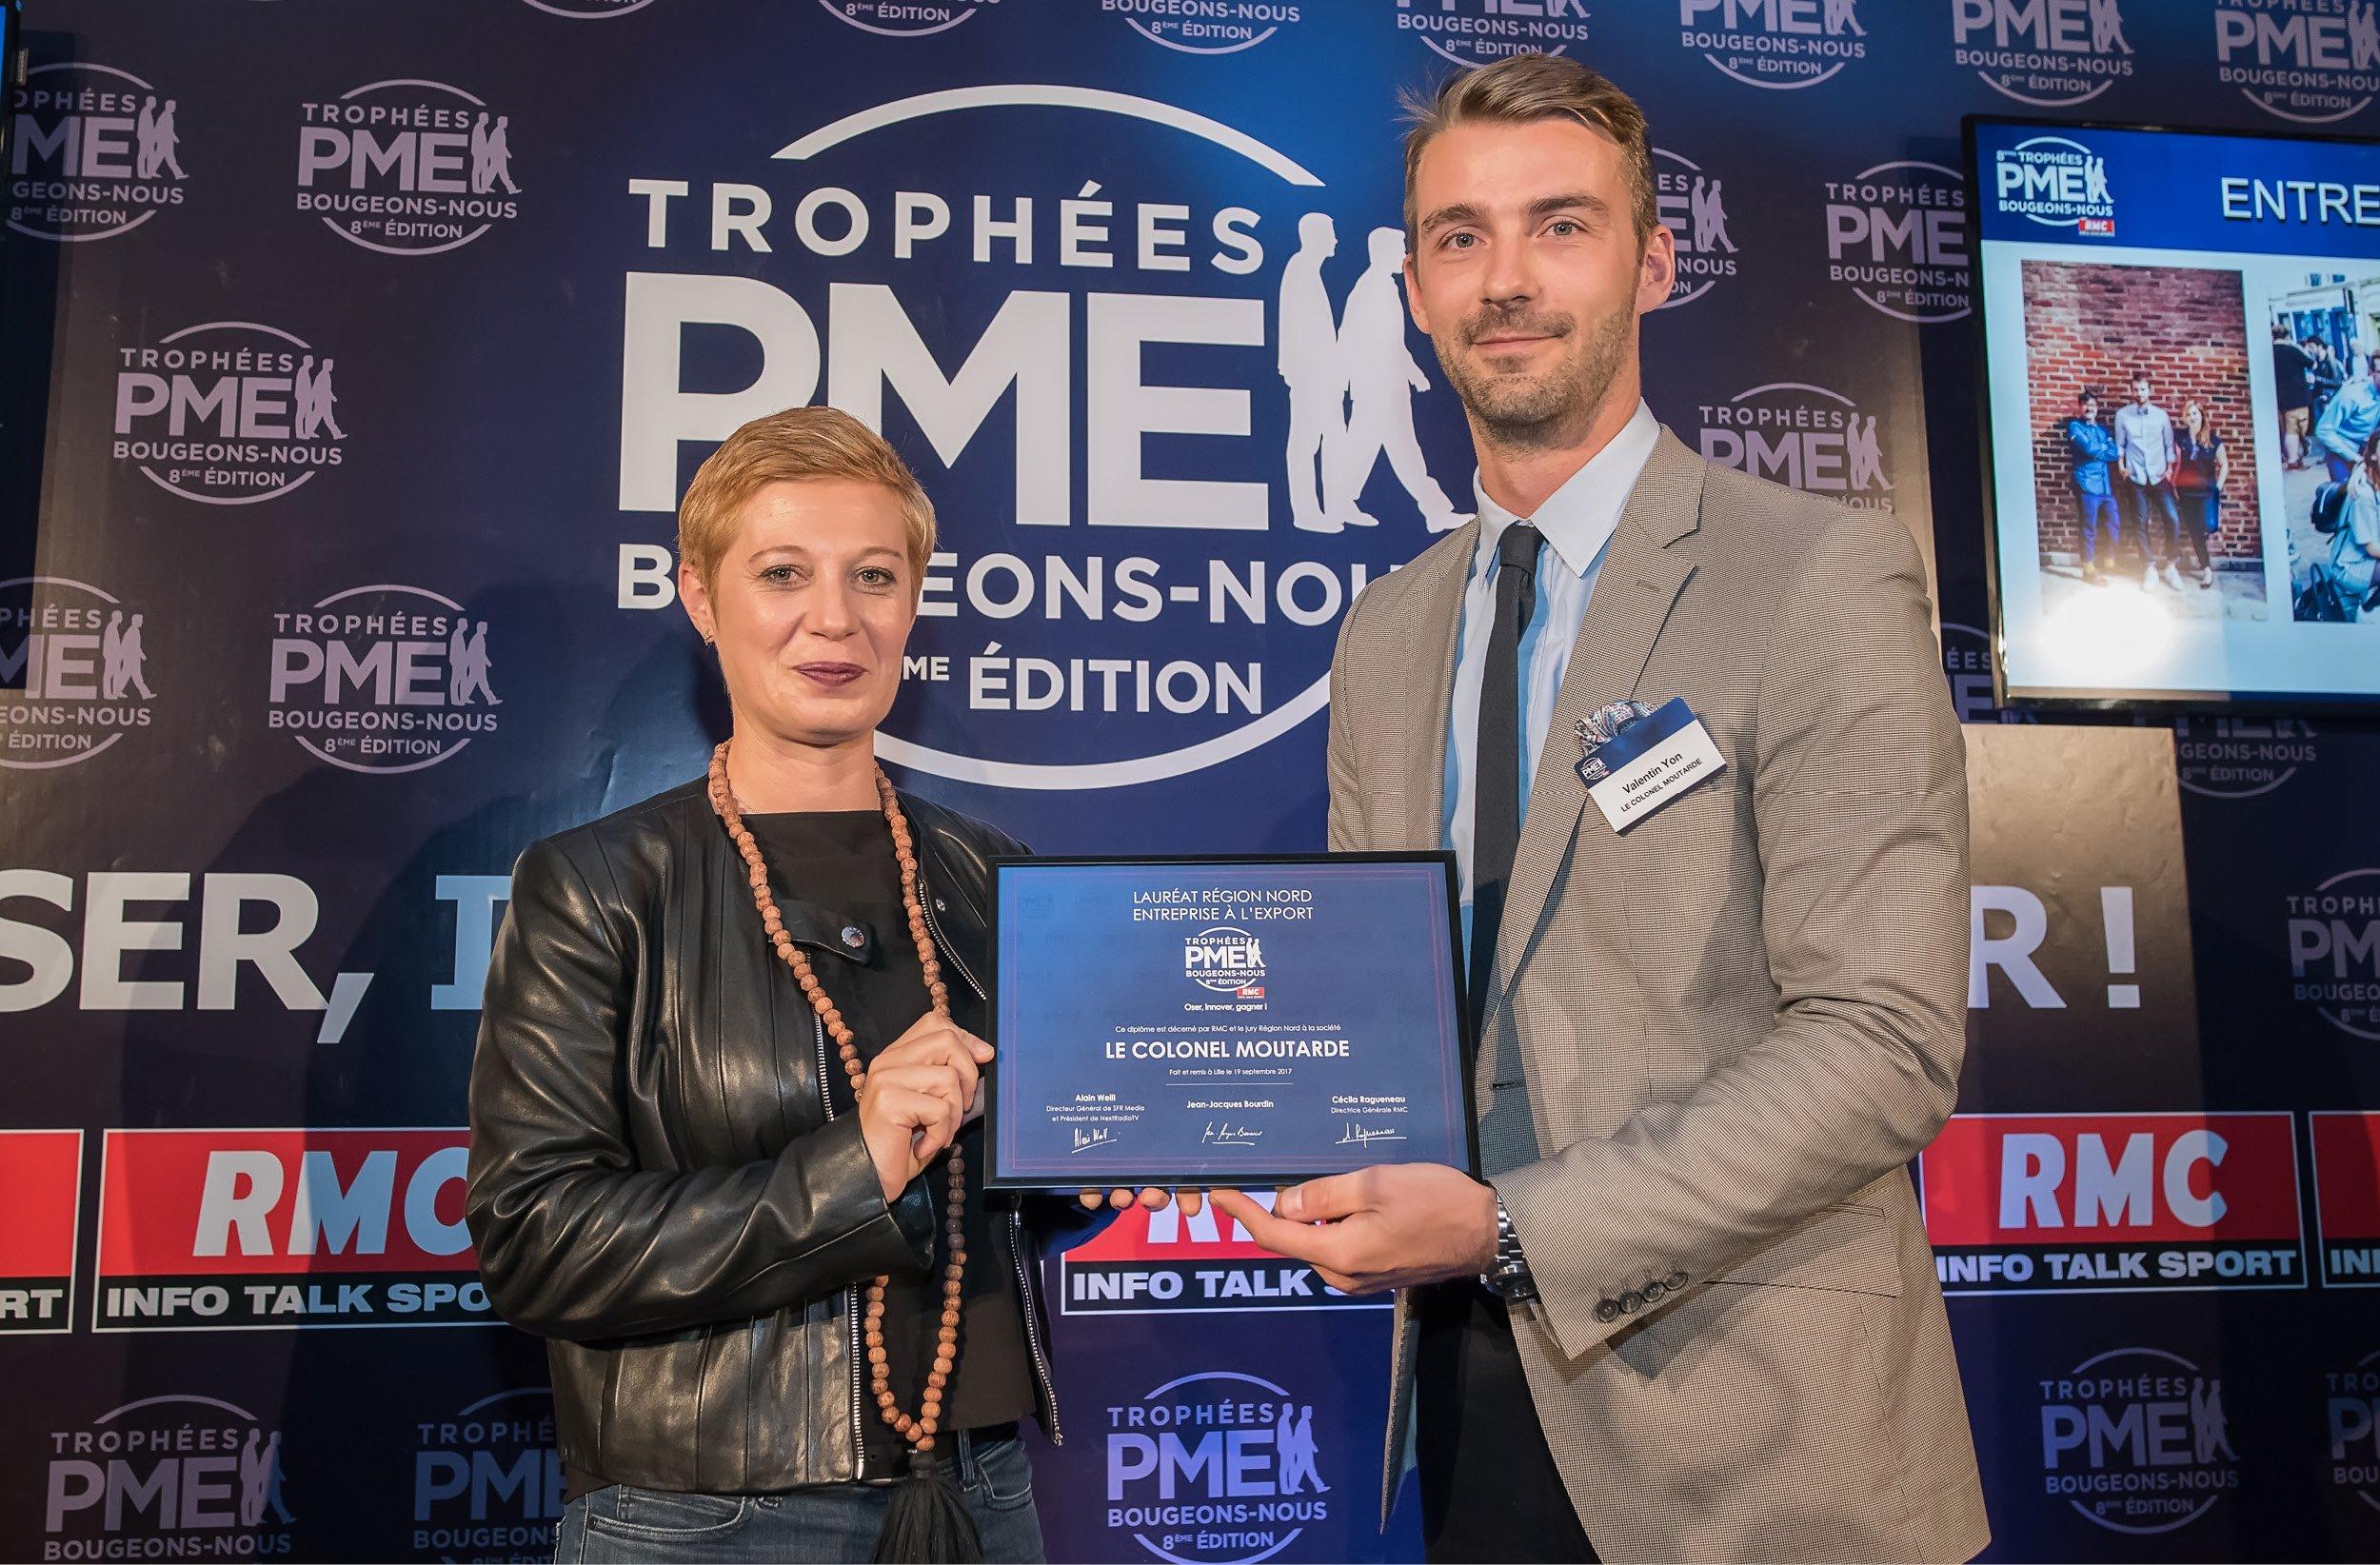 Le Colonel Moutarde, lauréat 2017 des Trophées RMC PME Bougeons-Nous !